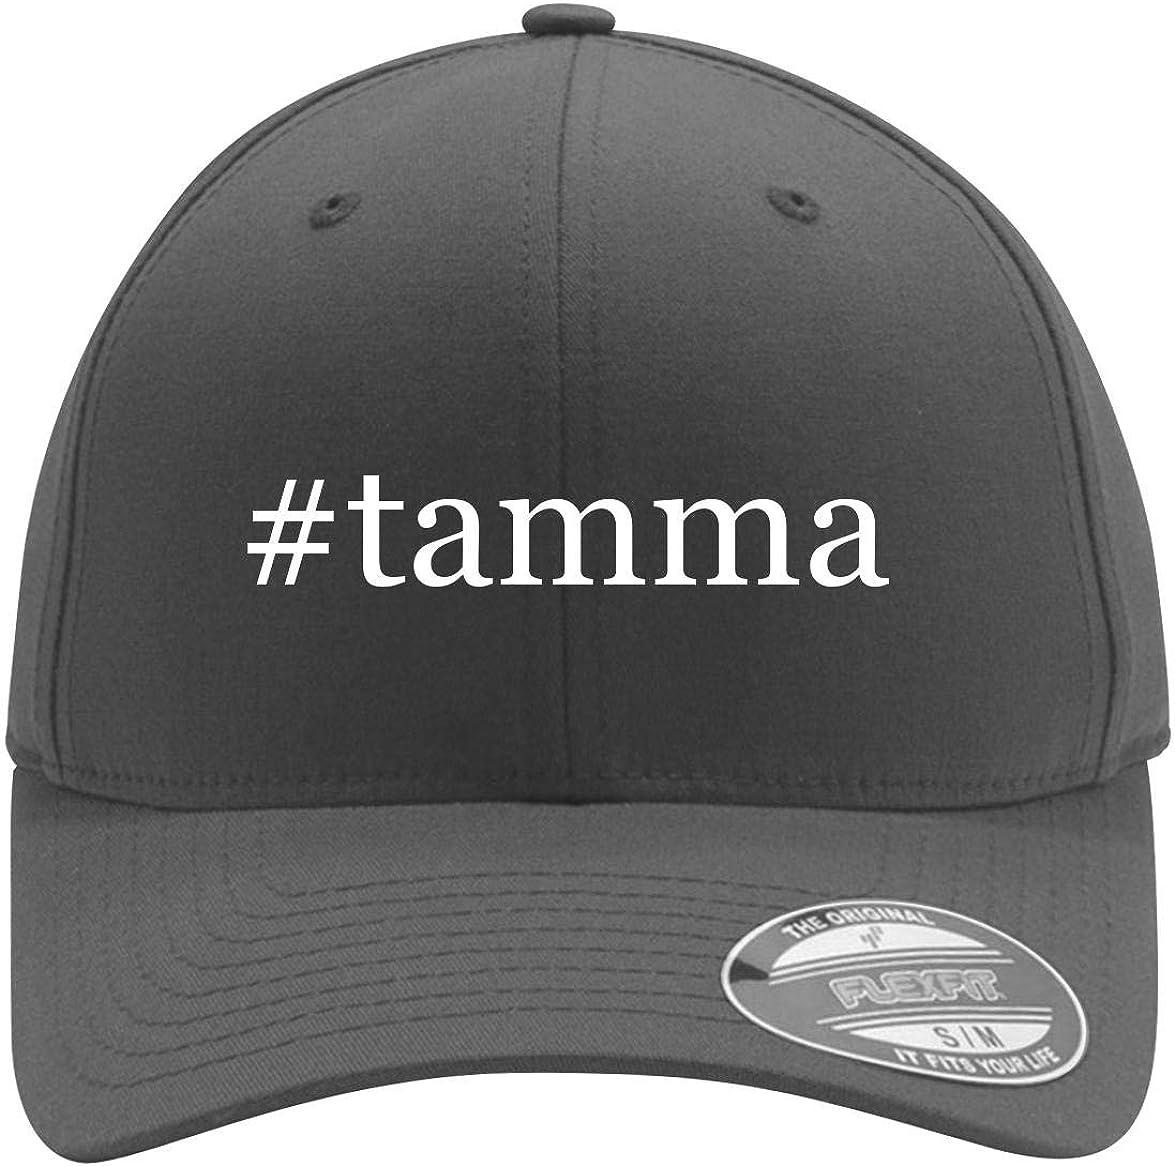 B07ZXVFP2M #tamma - Adult Men\'s Hashtag Flexfit Baseball Hat Cap 61cQUcM-XAL